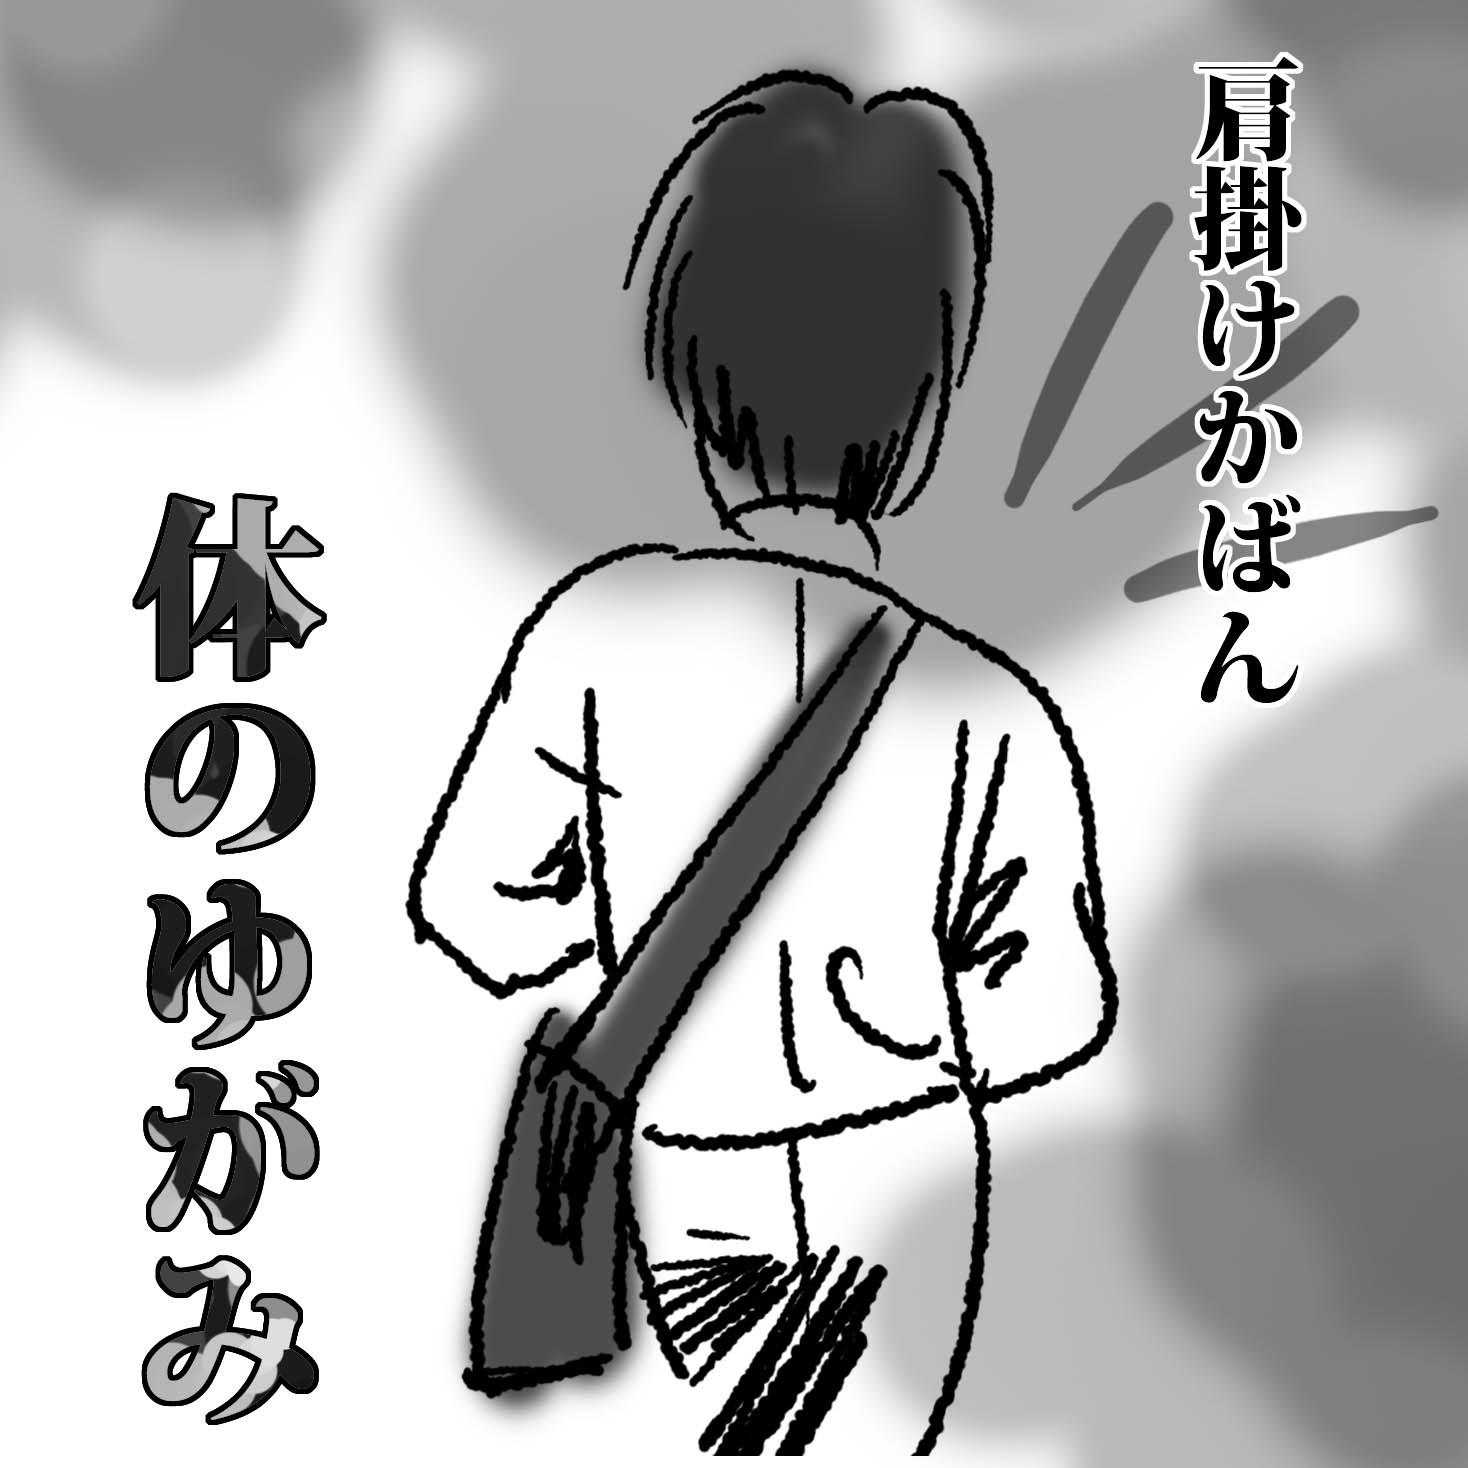 20140208_専門医_肩掛けかばんと体のゆがみ